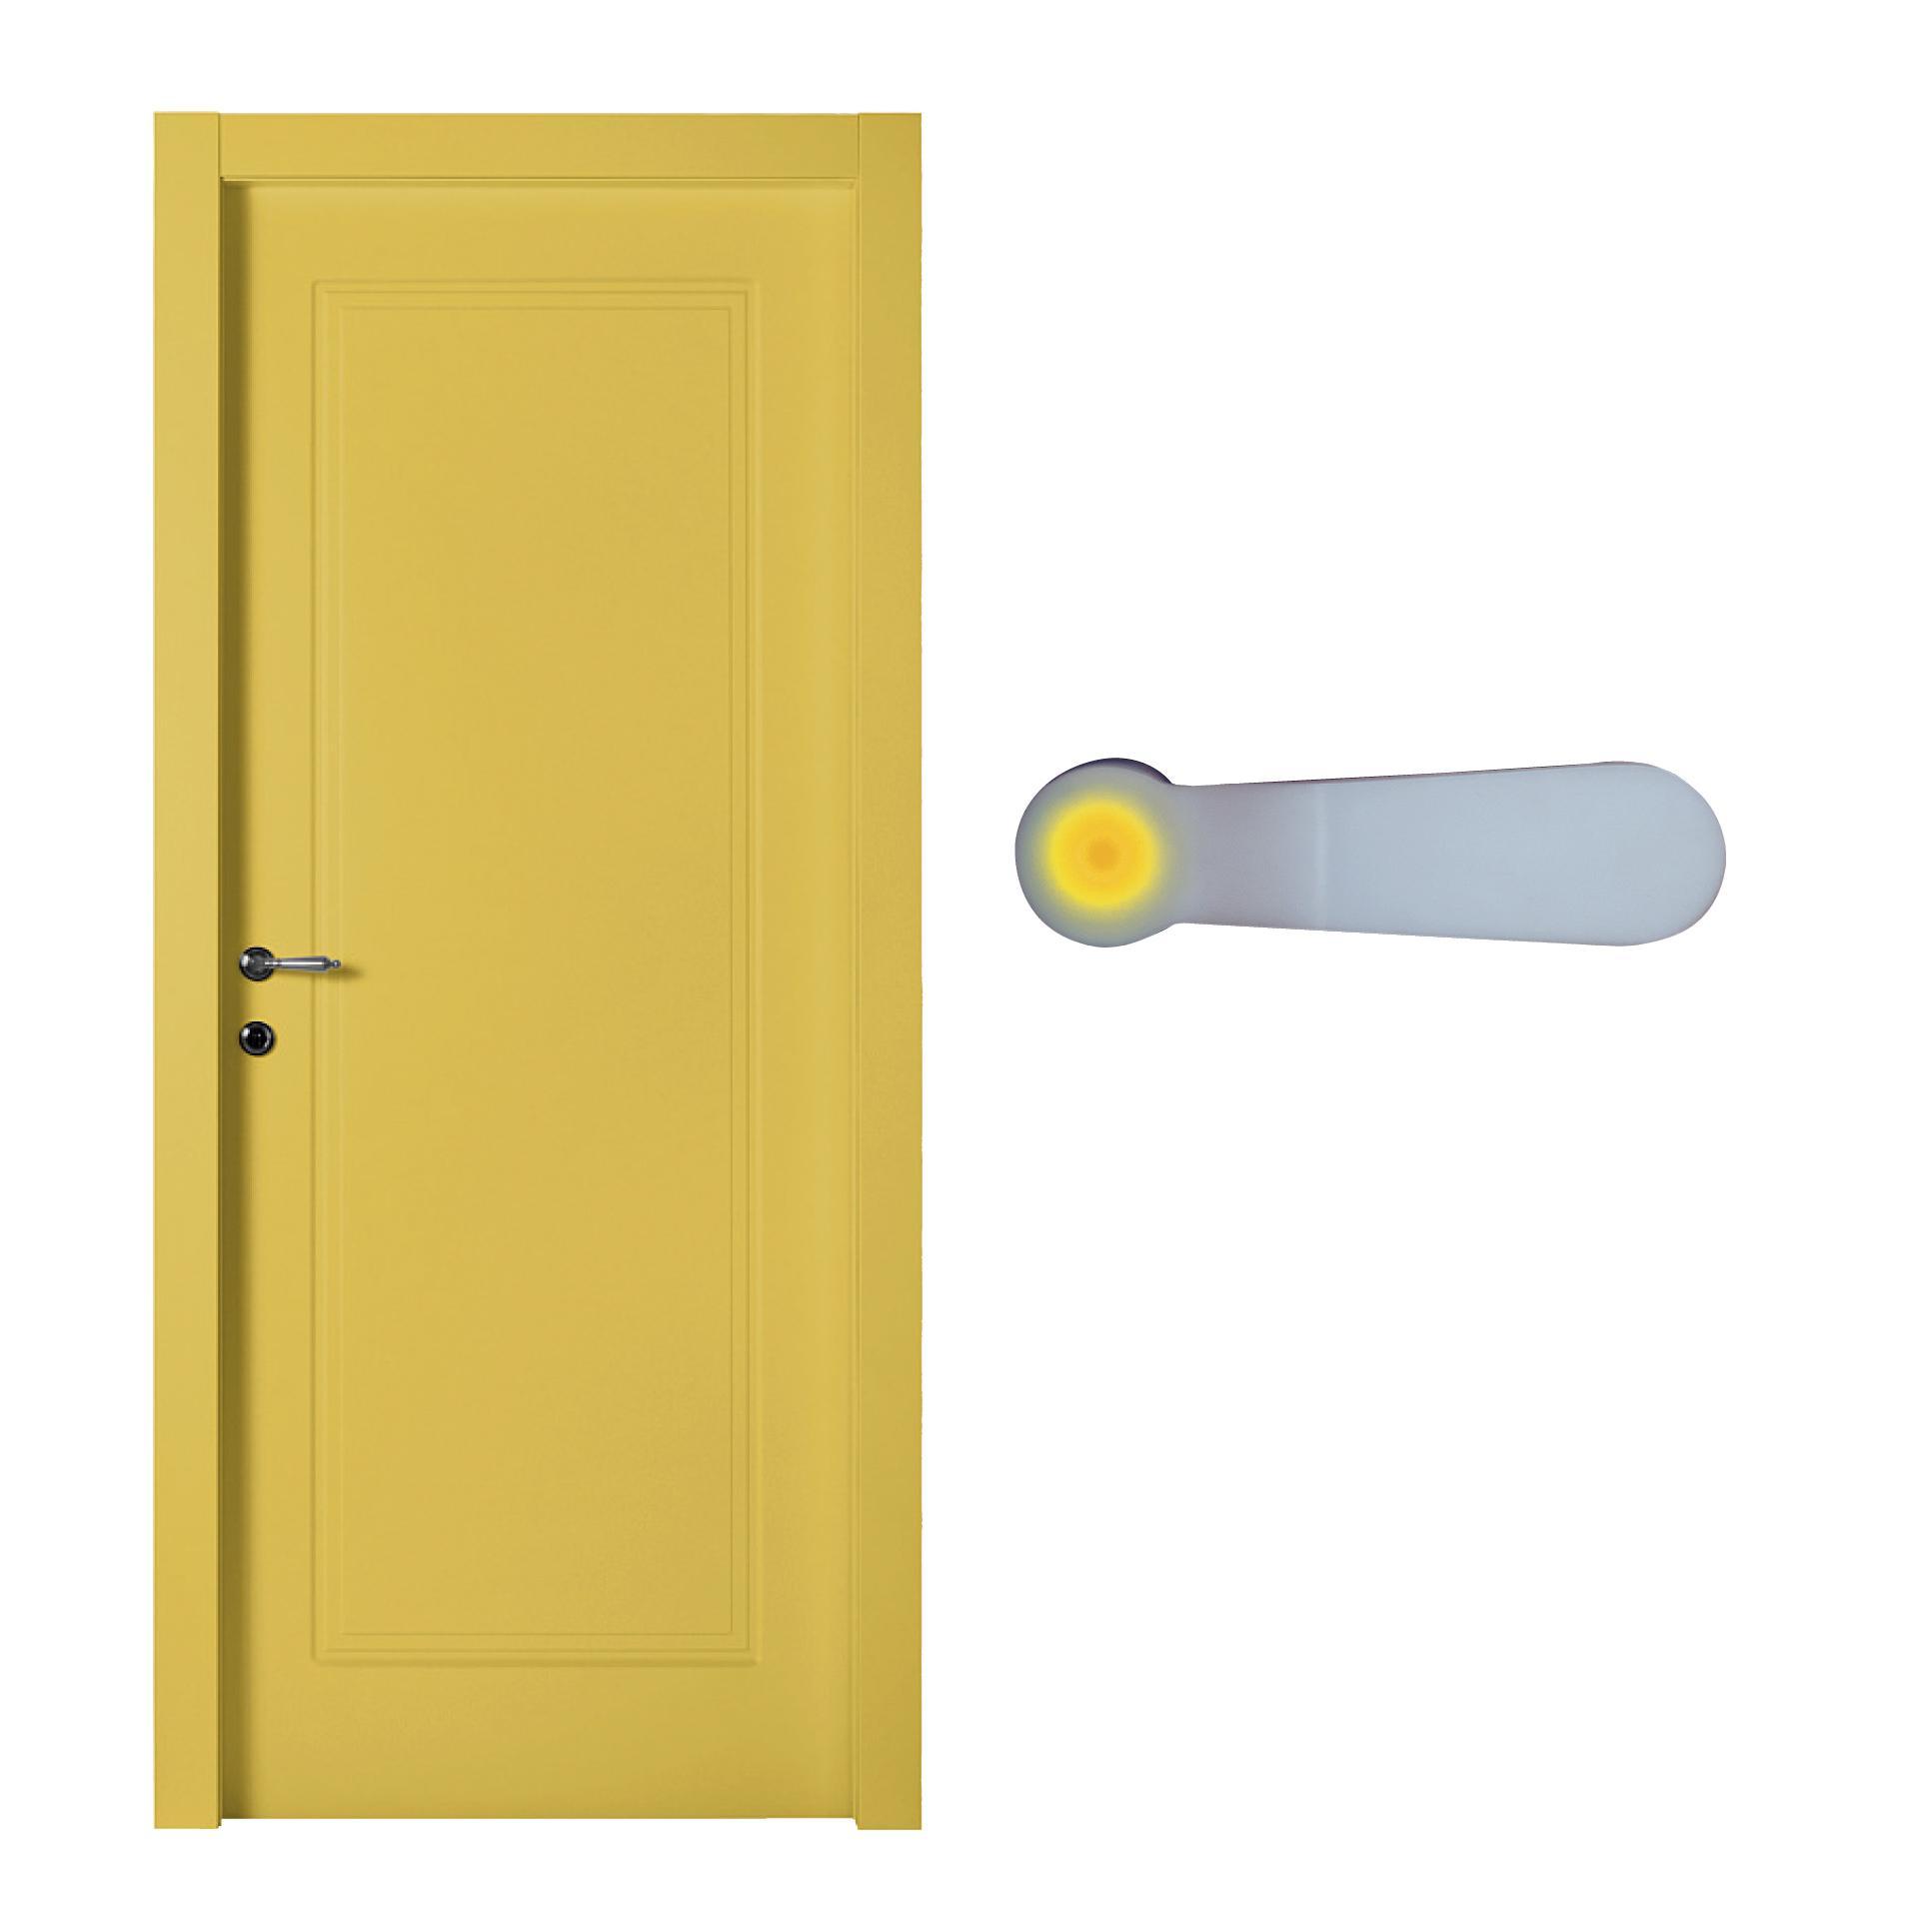 Porte Laccate Bianche Garofoli Prezzi abbinare porte e maniglie: come scegliere stili e colori